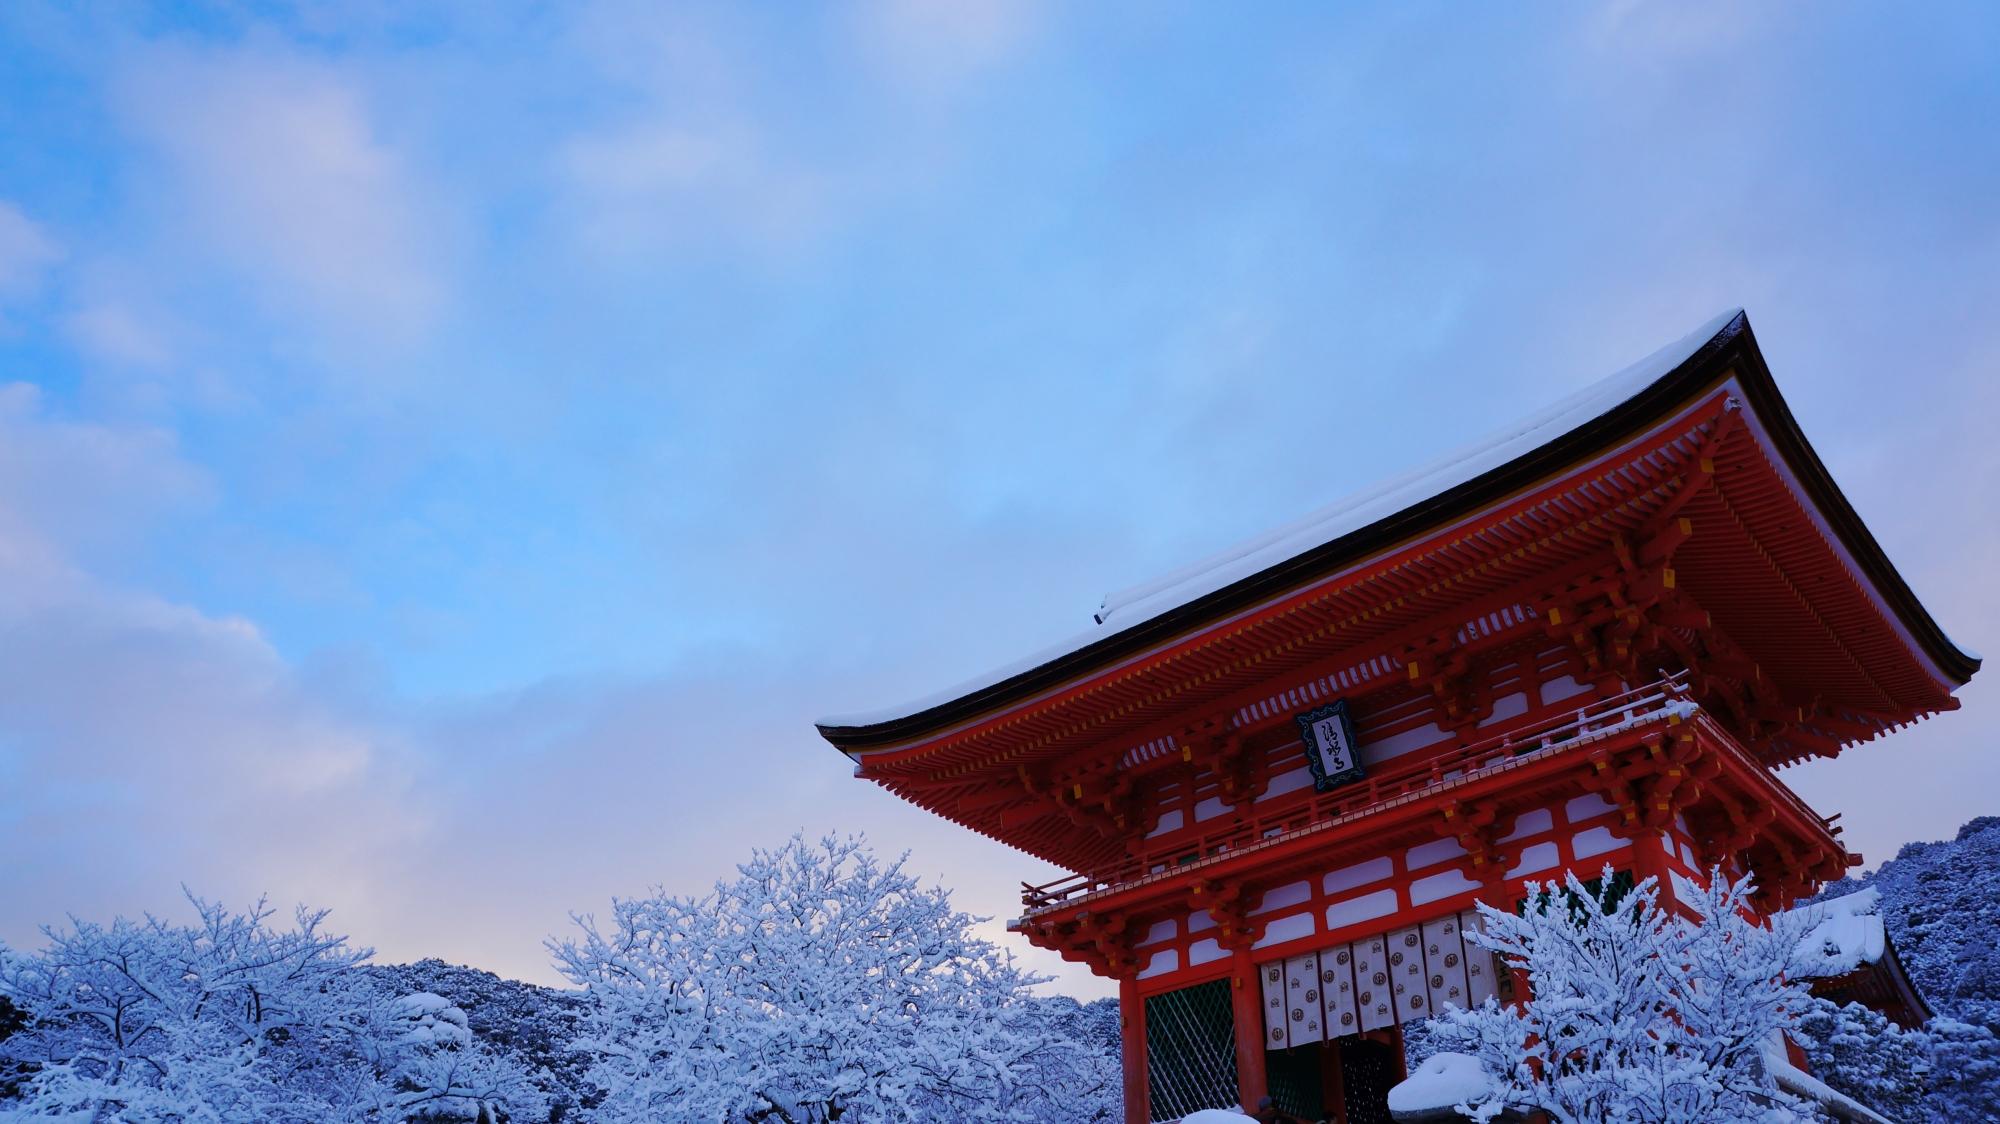 清水寺の雪の仁王門と青空